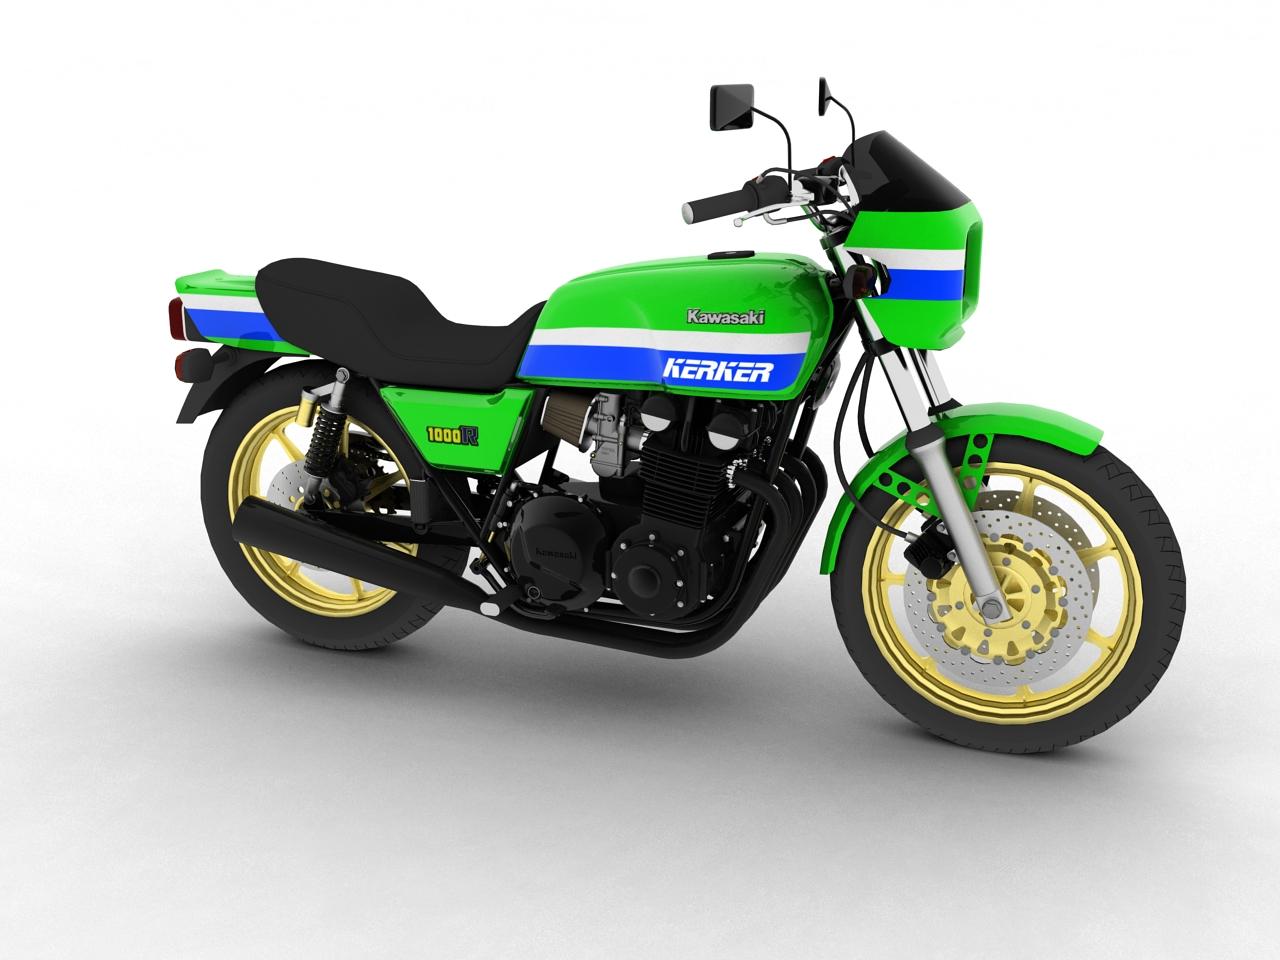 kawasaki z1000r 1981 3d model 3ds max fbx c4d obj 154855